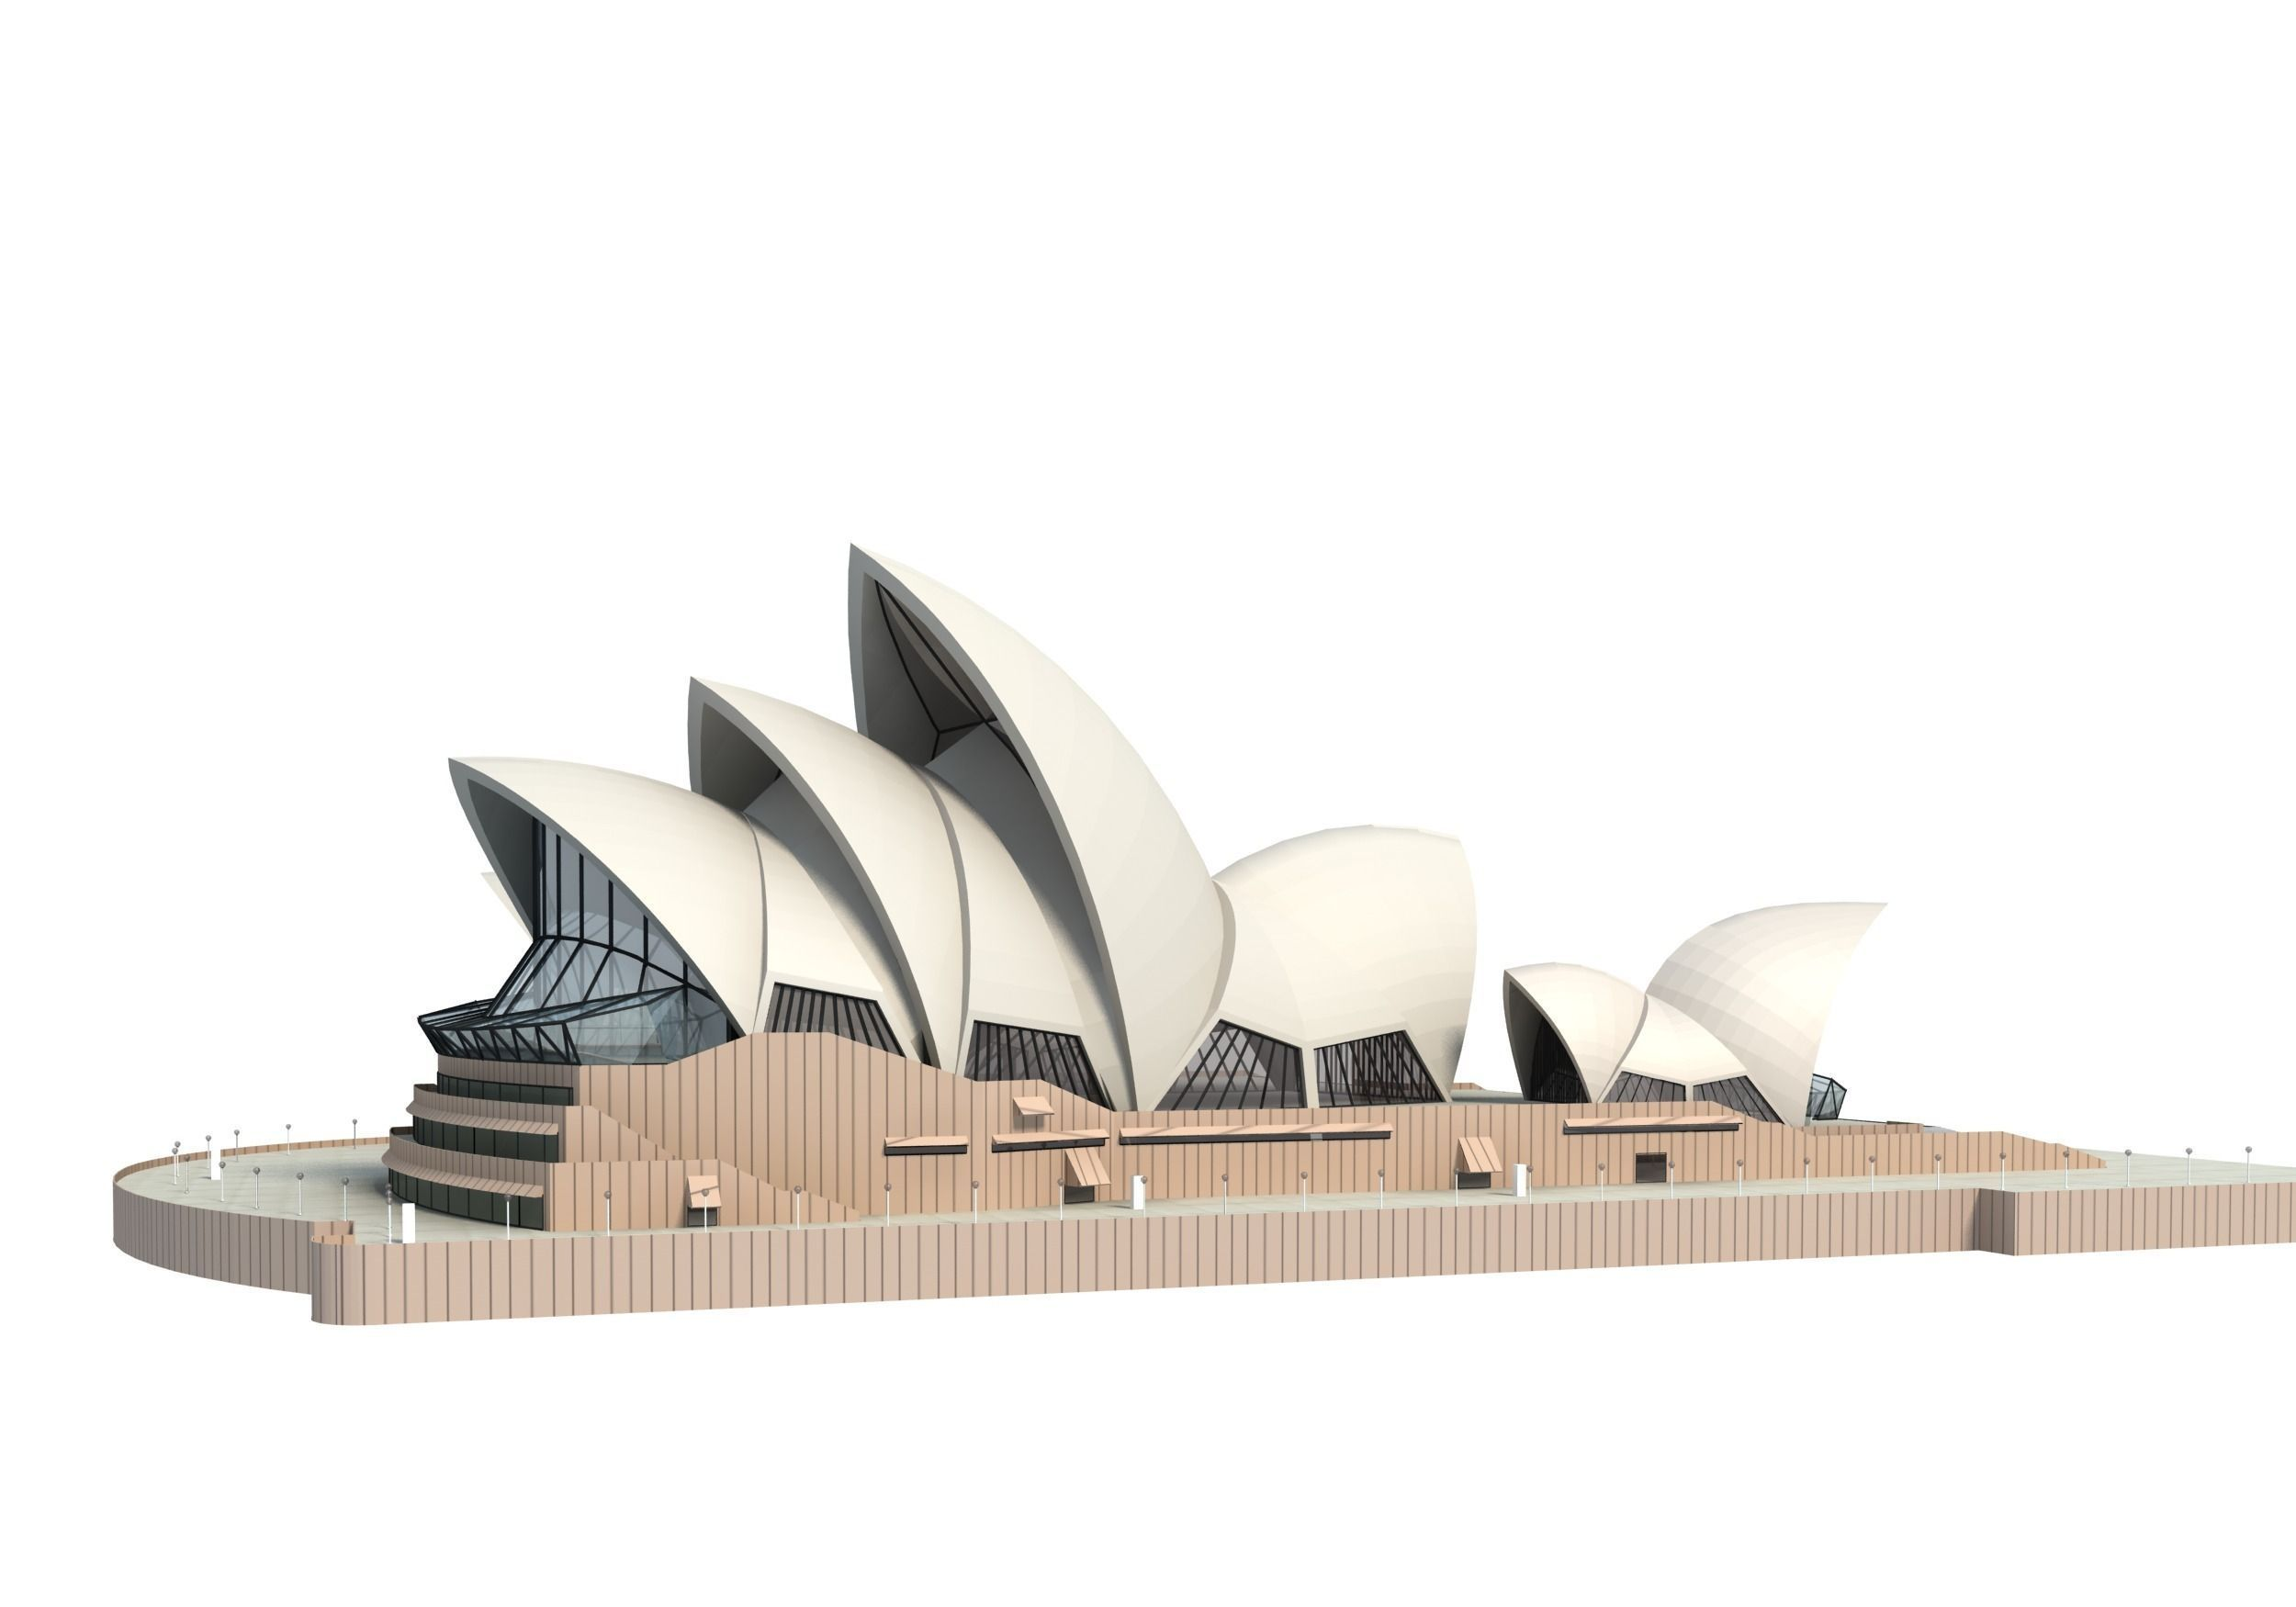 . PlusPng.com sydney opera house 3d model 3ds c4d dae skp 12 PlusPng.com  - PNG Sydney Opera House